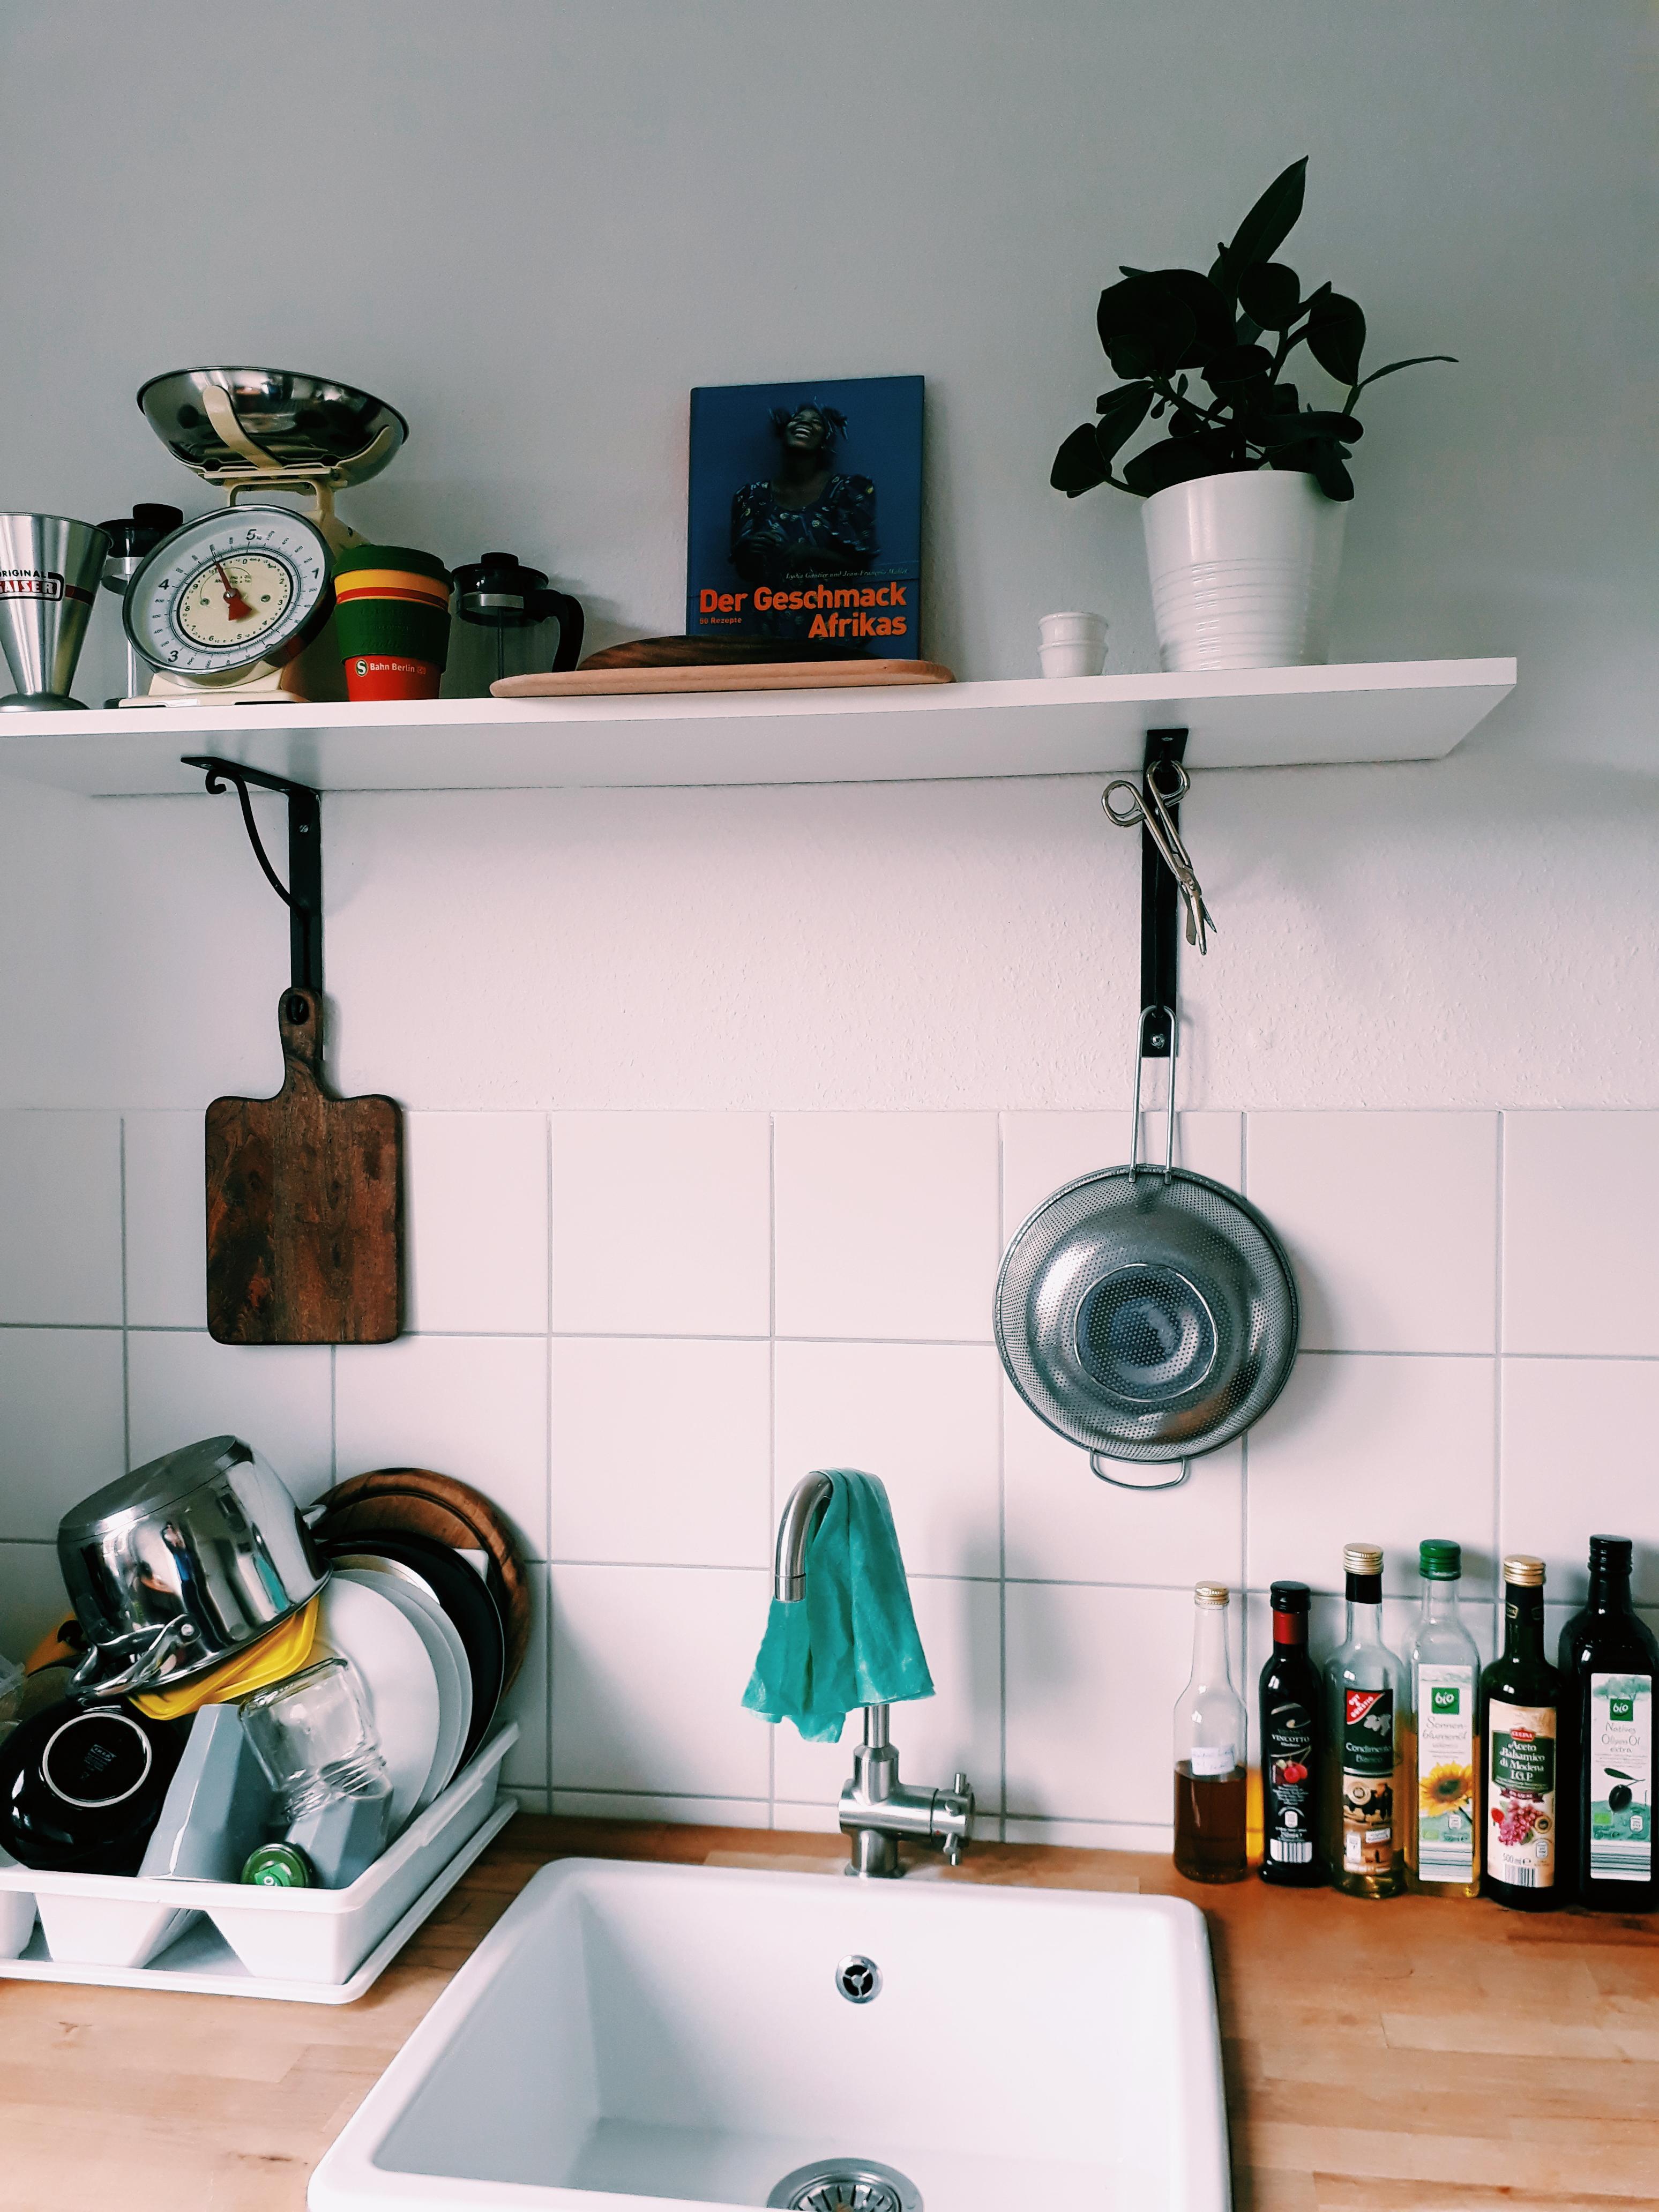 schöner Ort! #küche #kücheninspiration #foodie • COU...